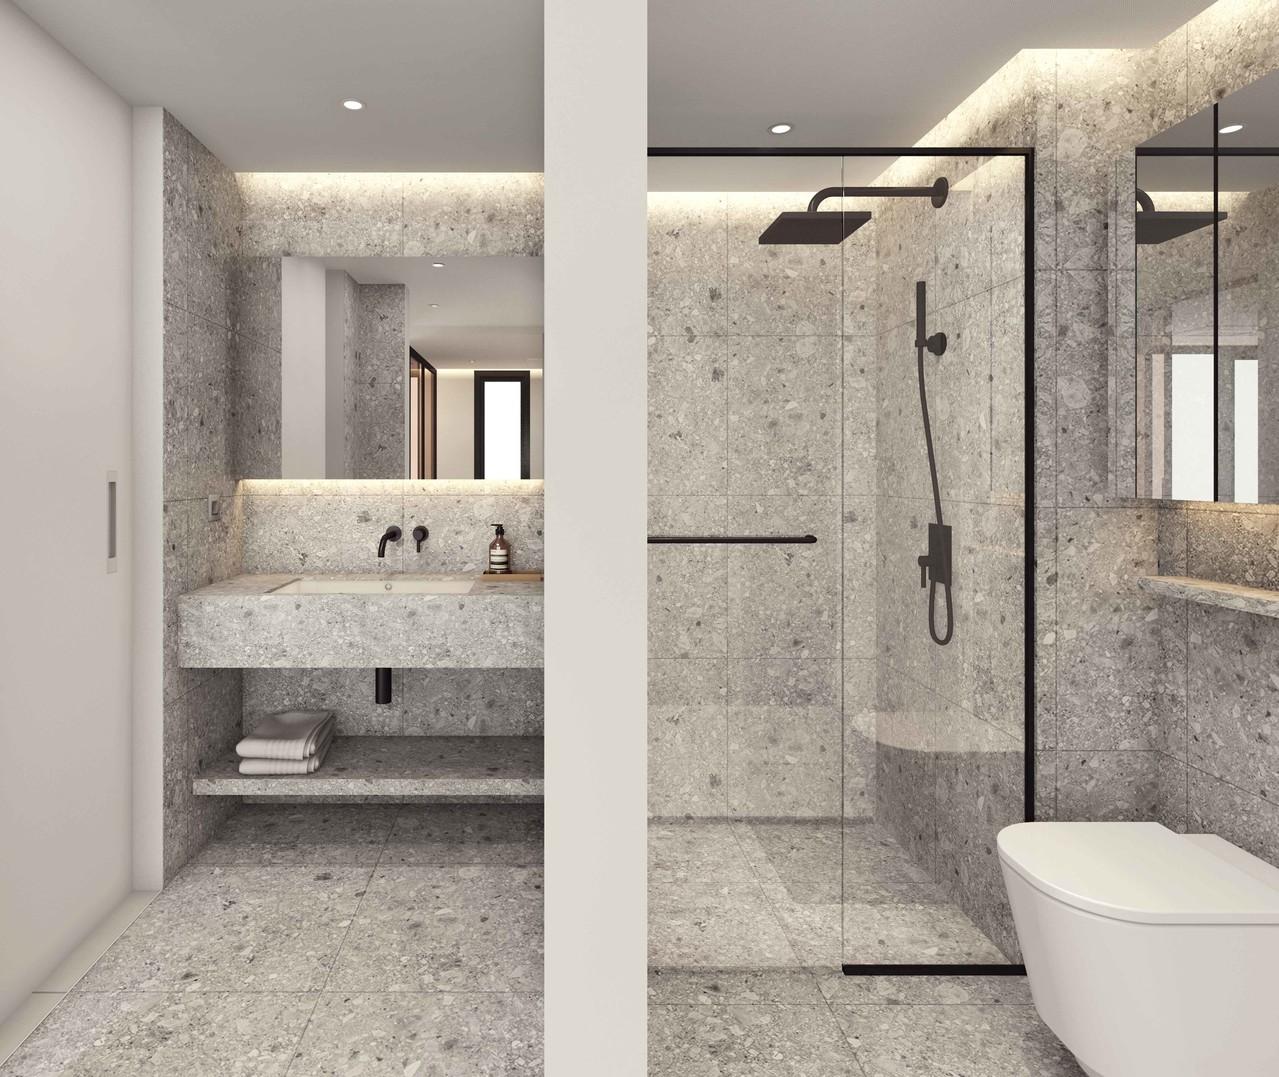 호텔식 분리형 화장실